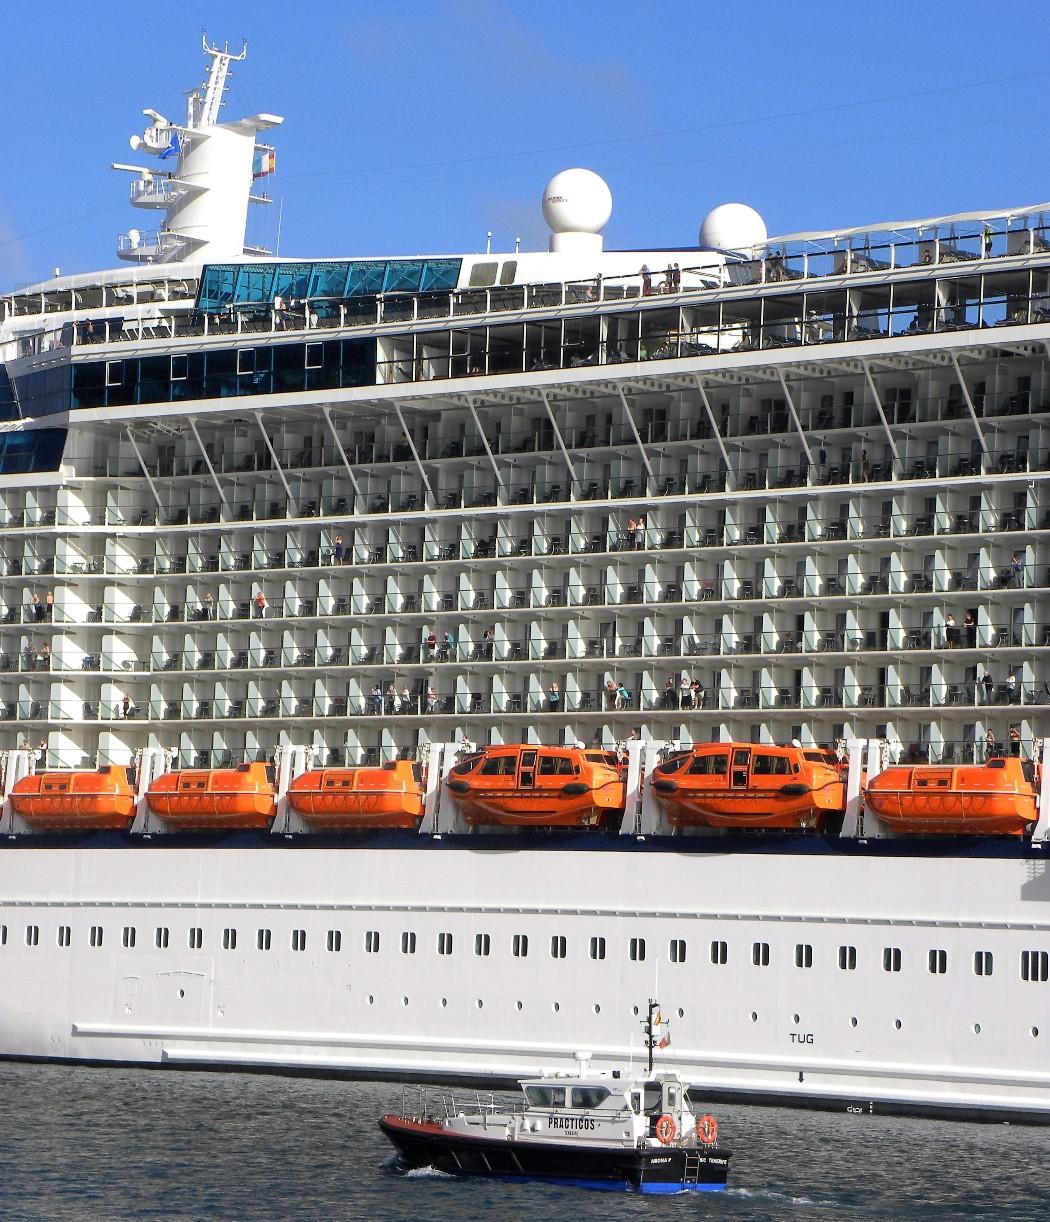 Los balcones al mar, un atractivo muy extendido en este tipo de buques